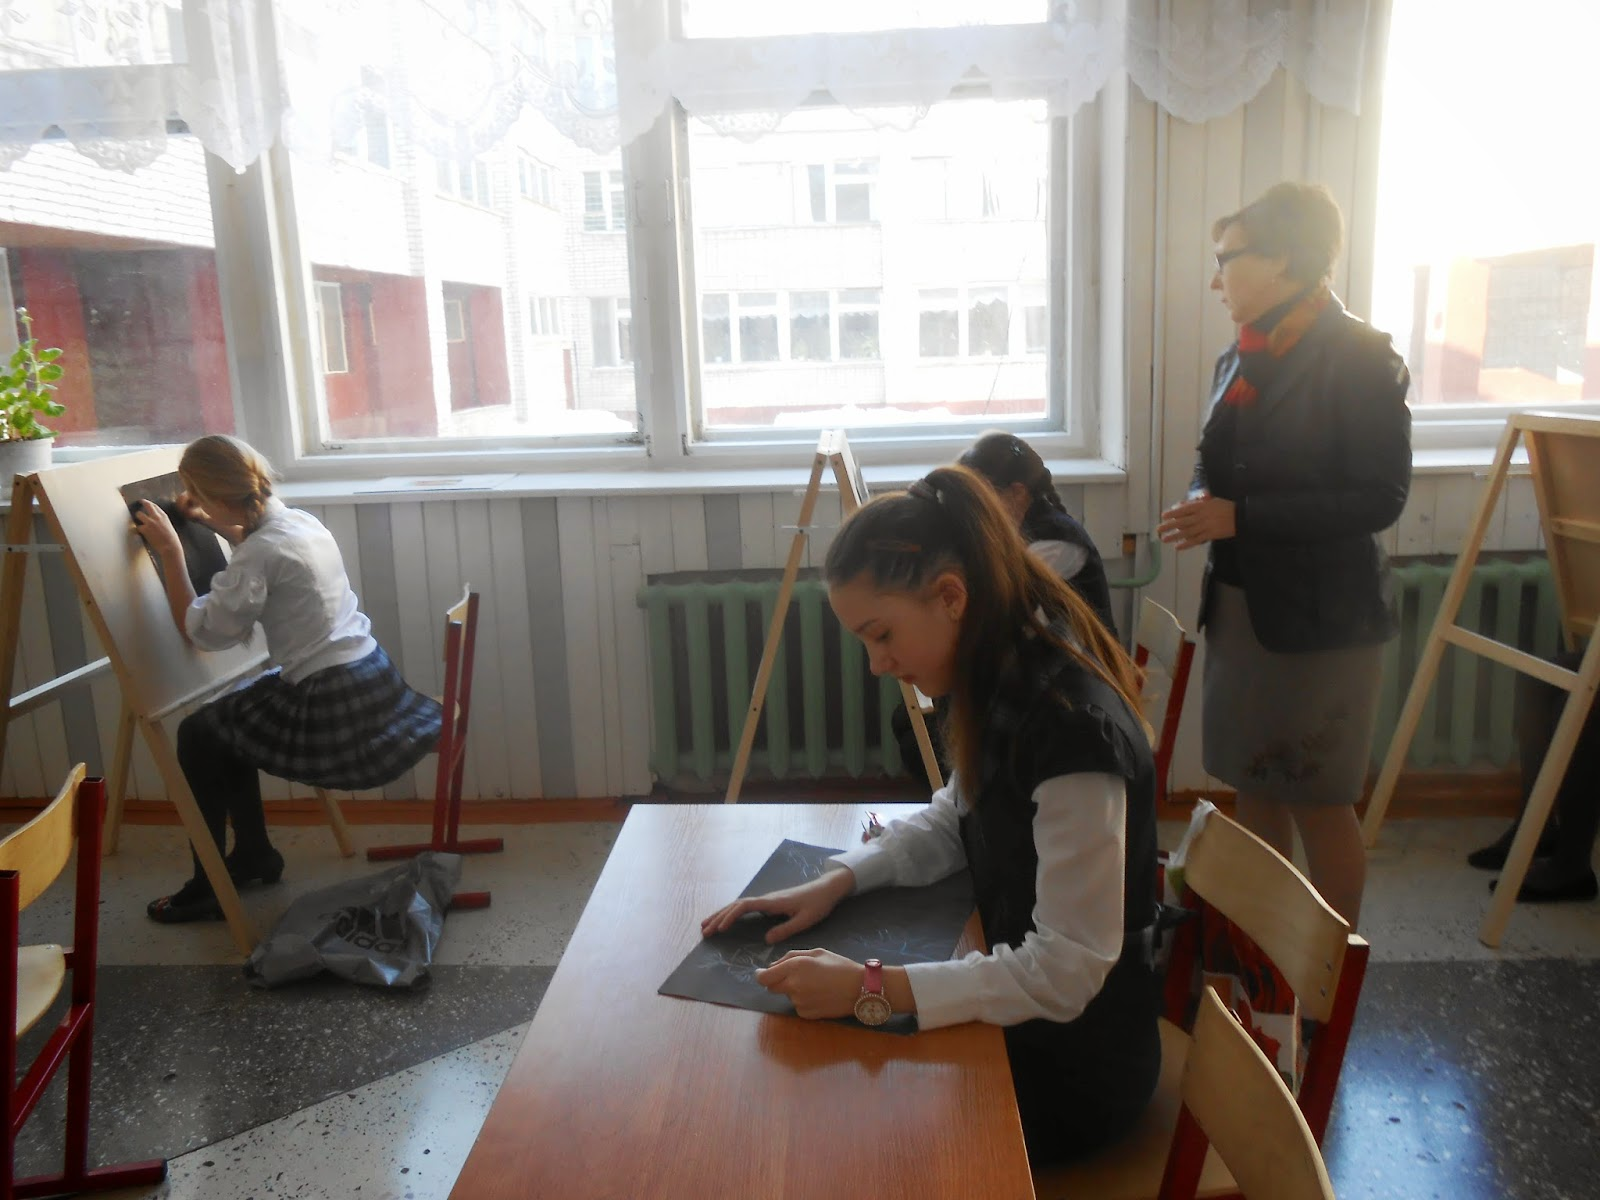 Фото секса на переменах в школе, Школьное порно фото с училками 5 фотография